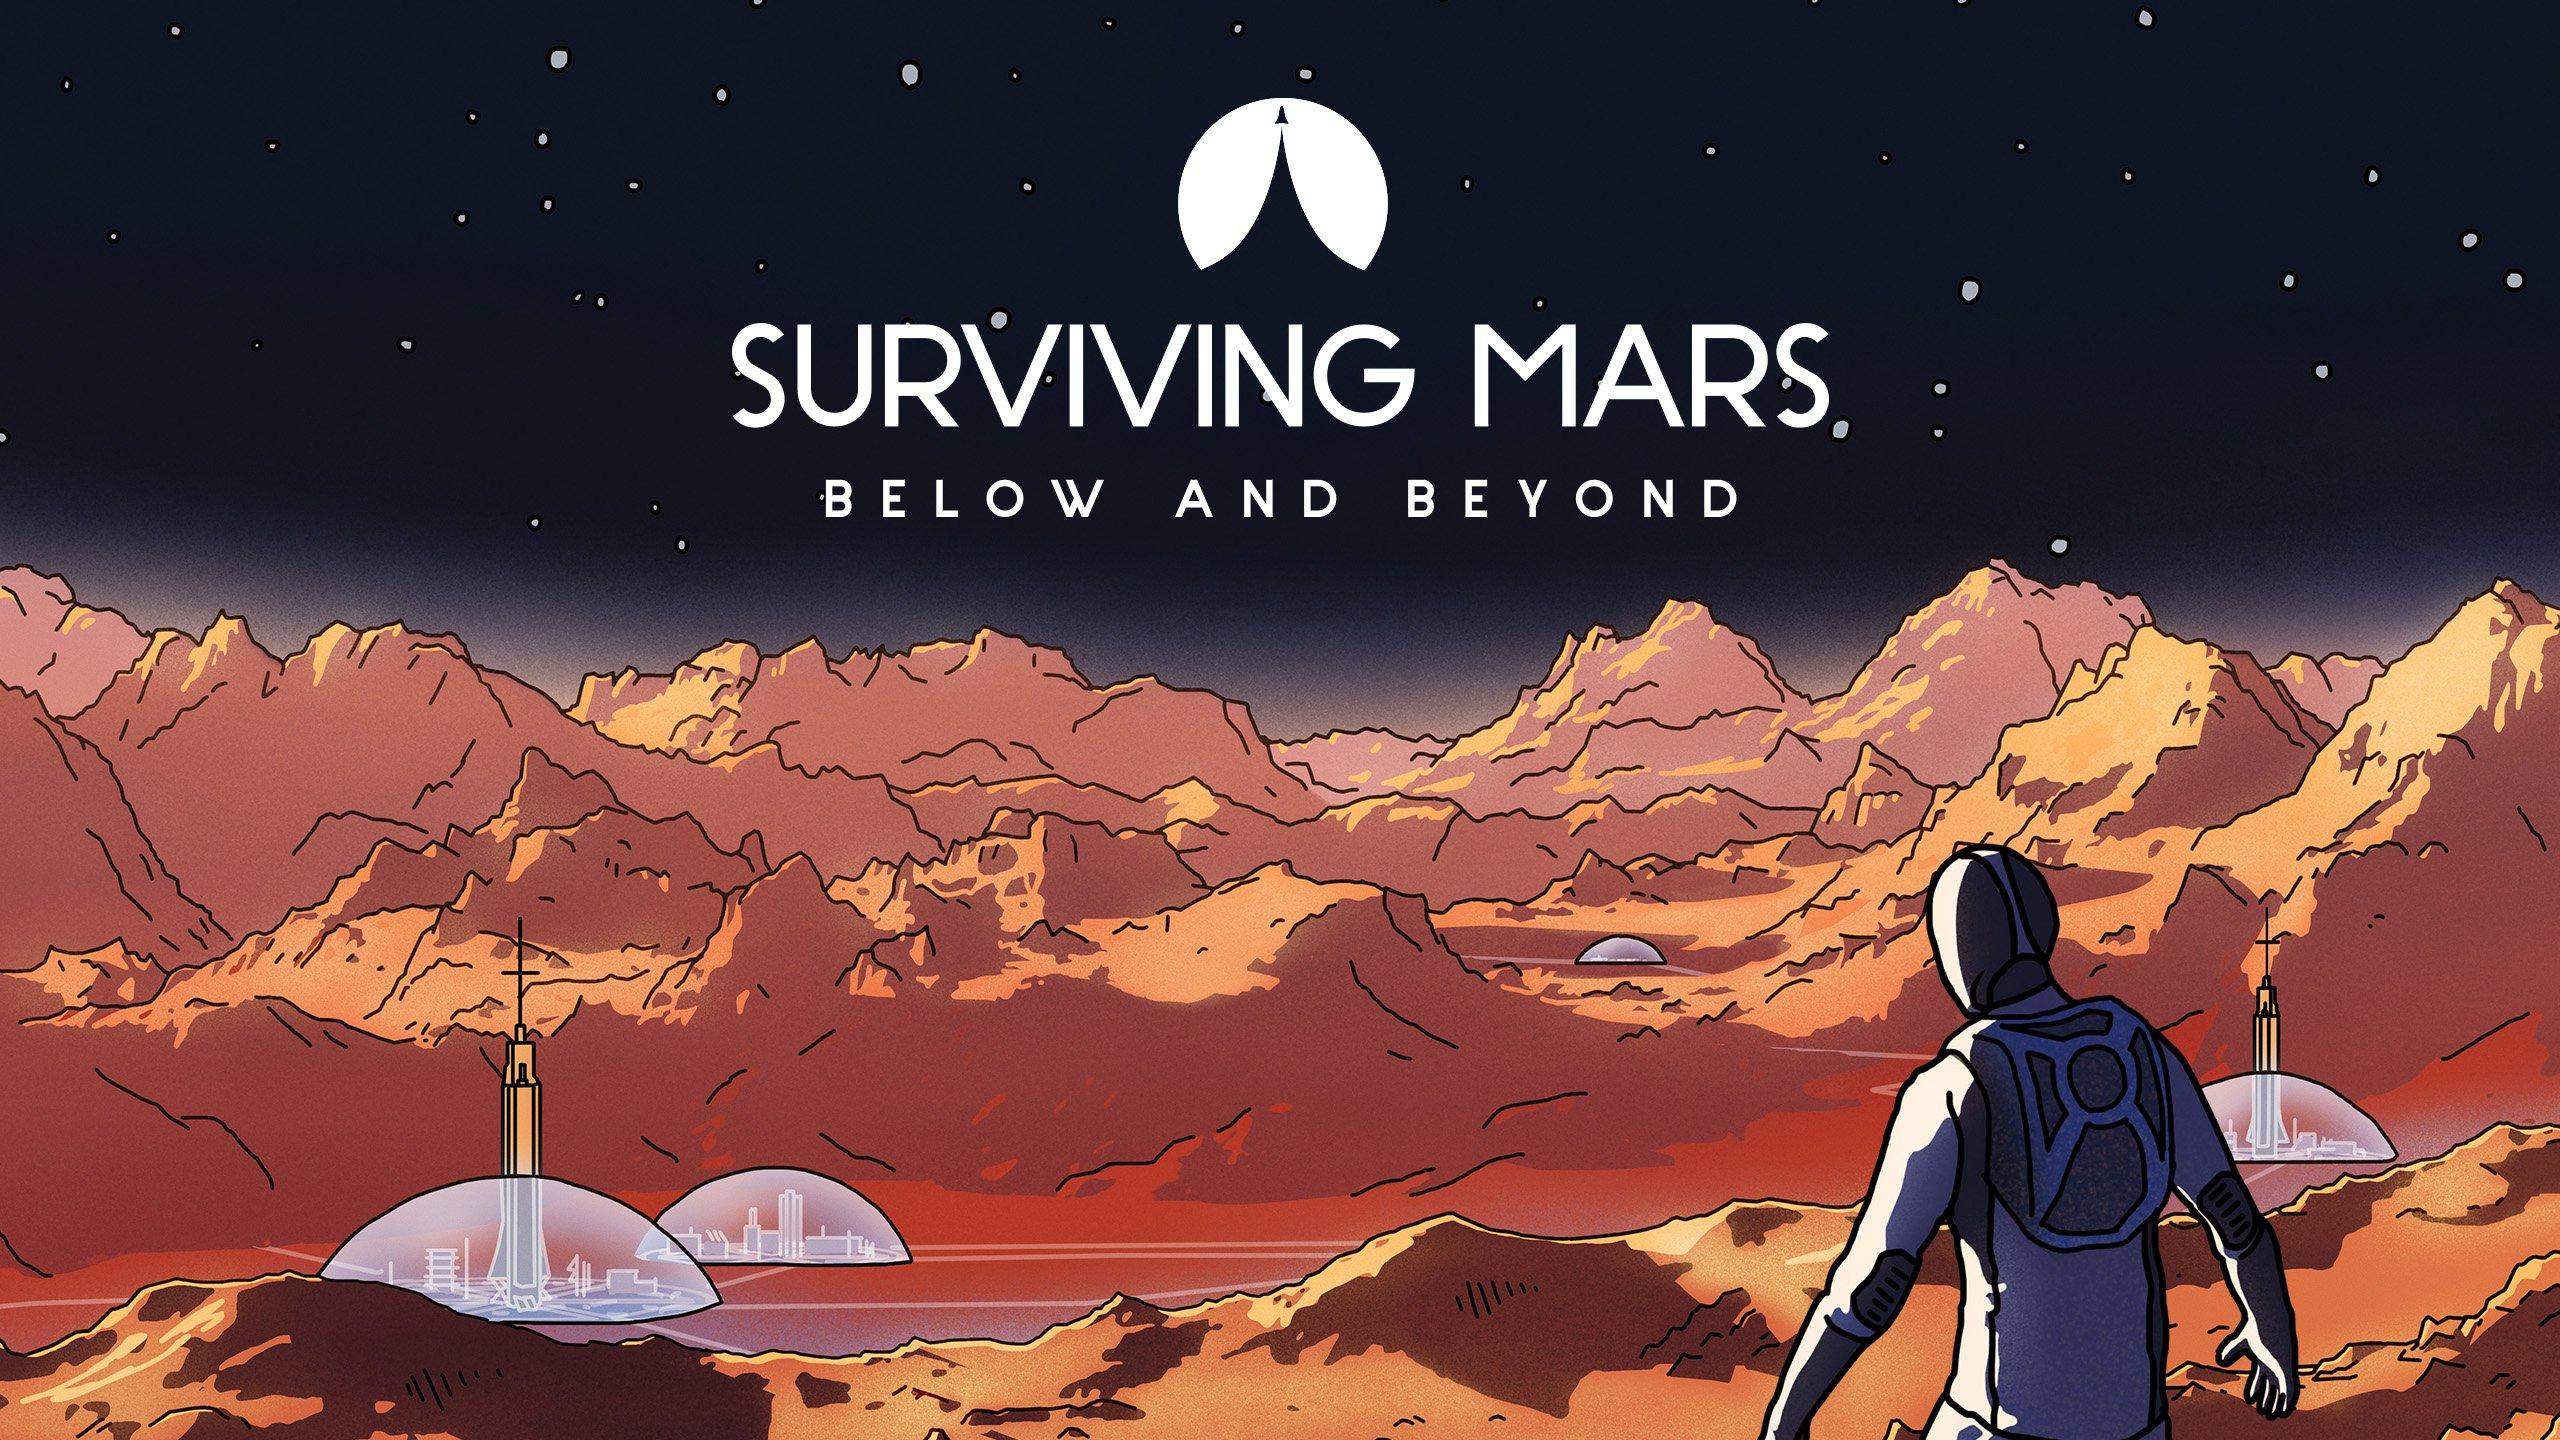 Surviving Mars Below and Beyond 7